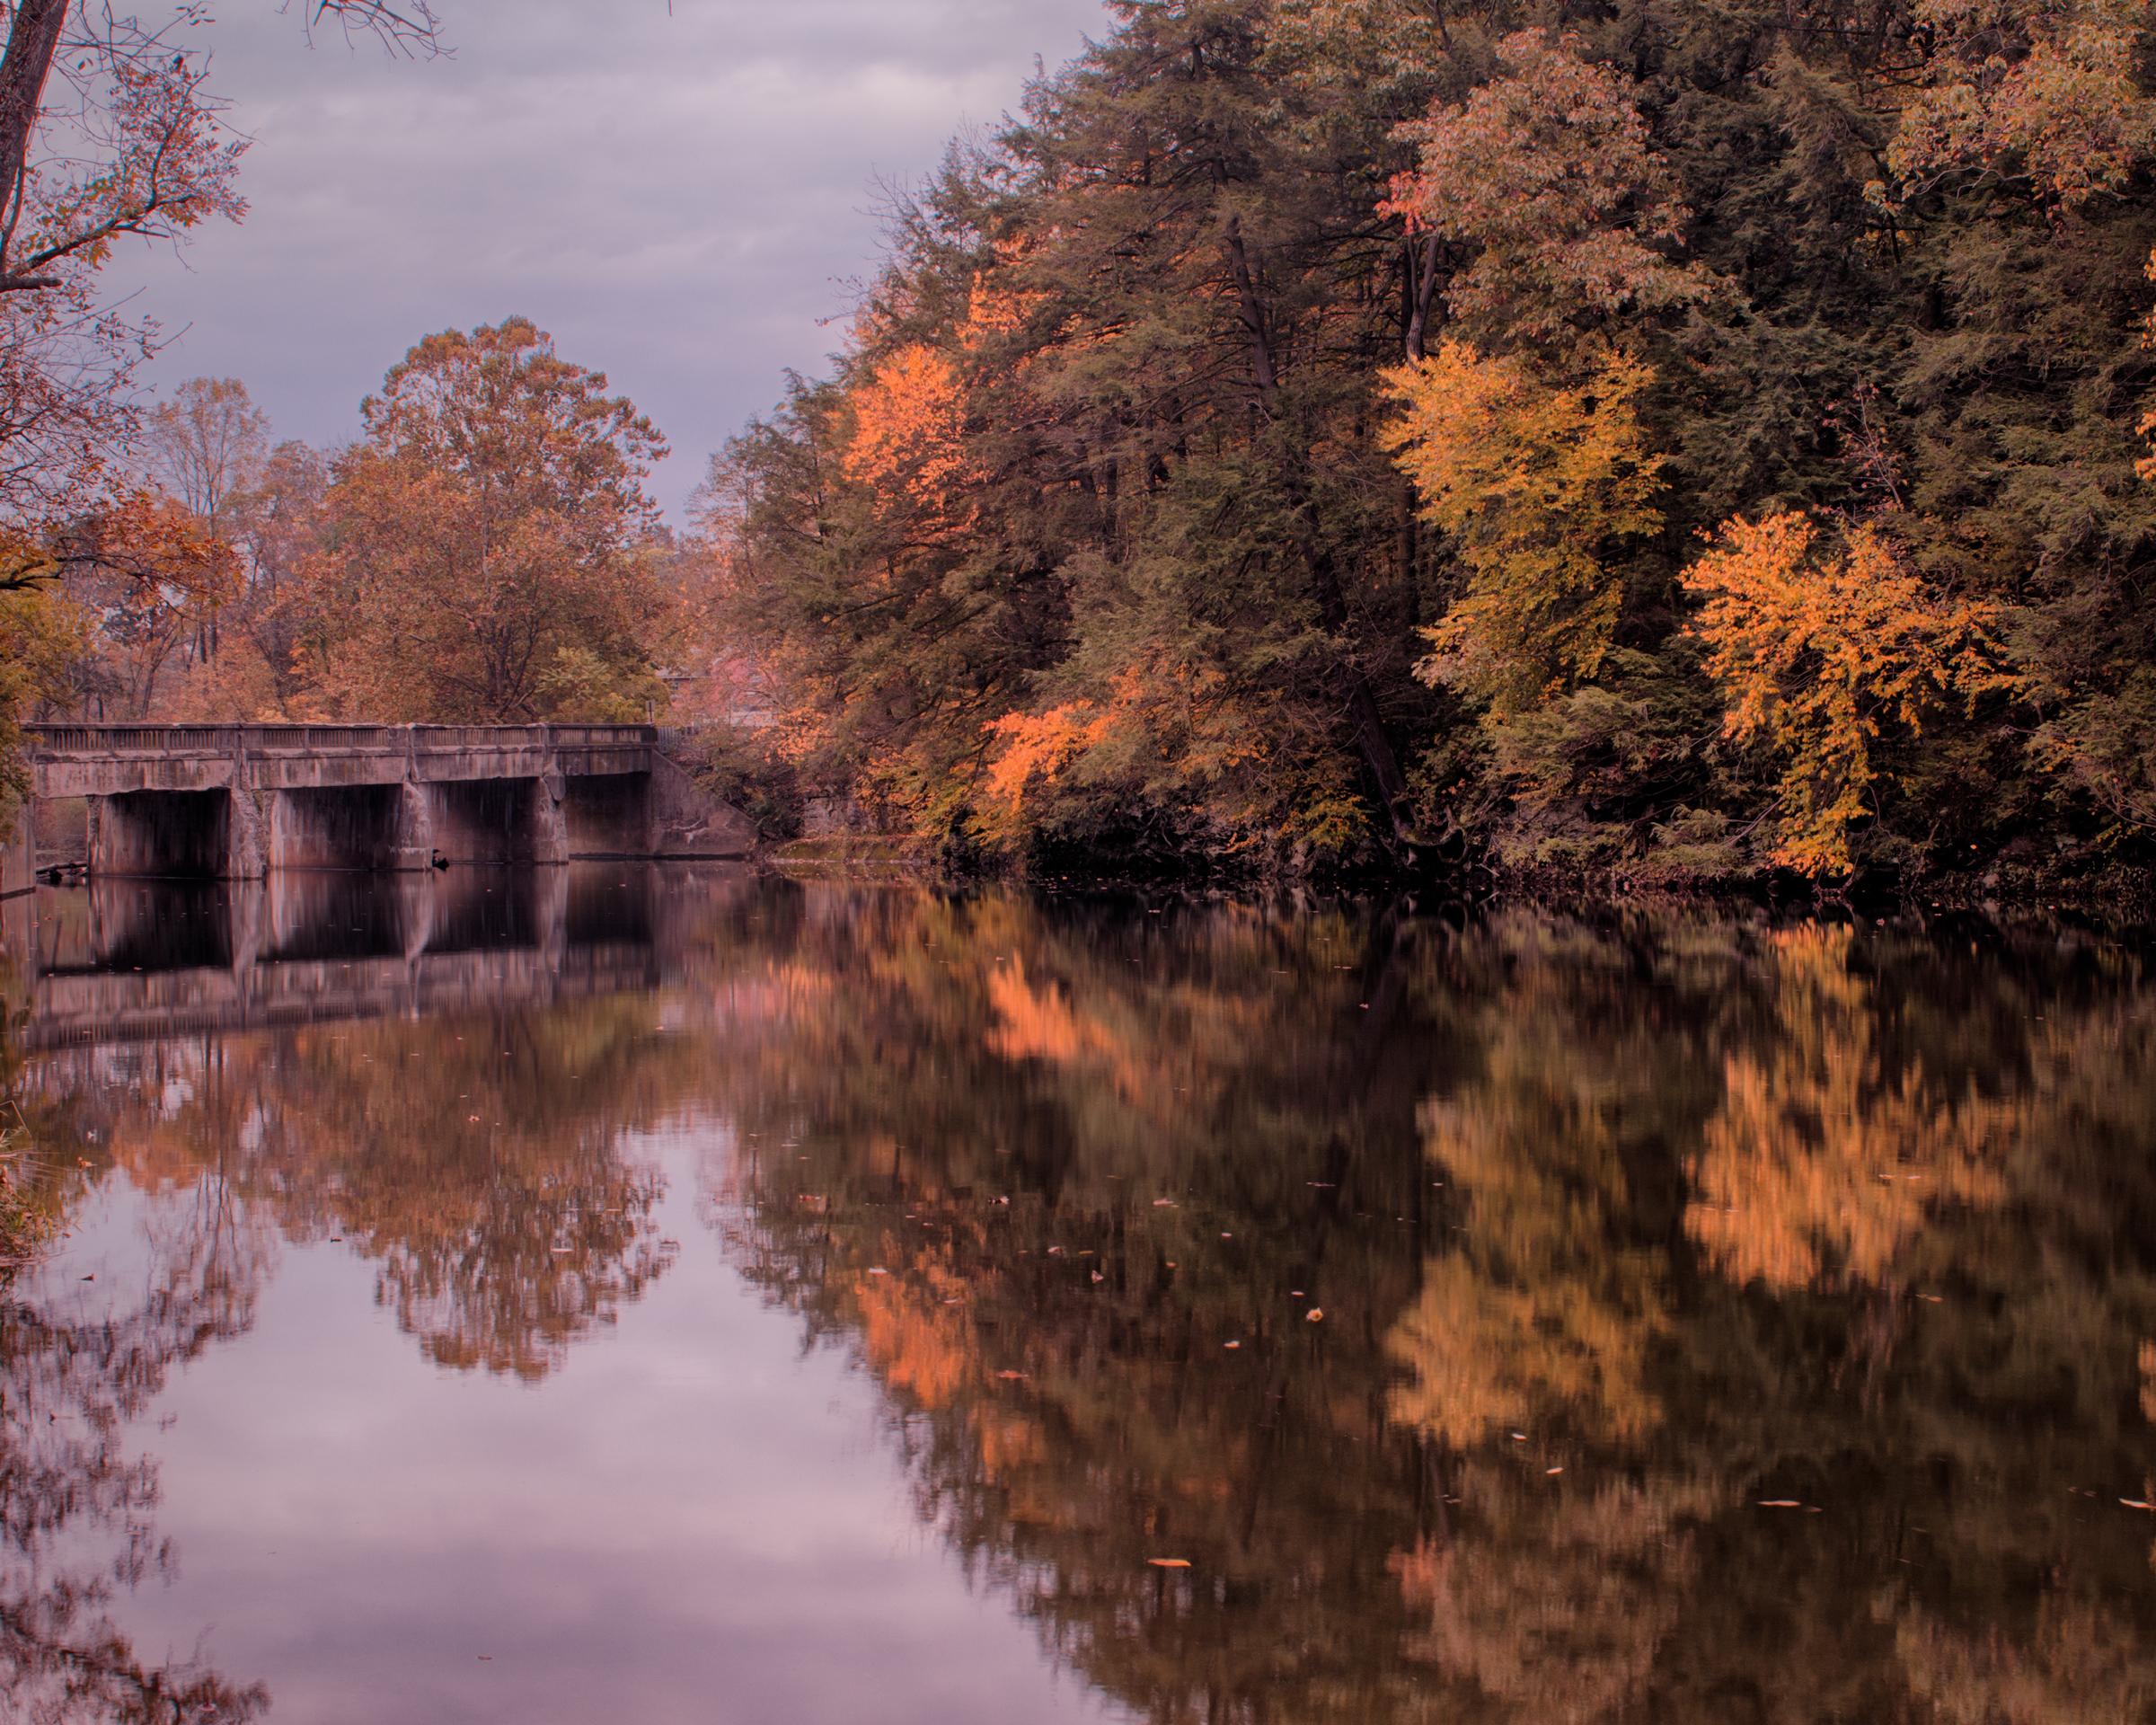 MaindenCreek_2012-10-06_-38_HDR-Edit.jpg